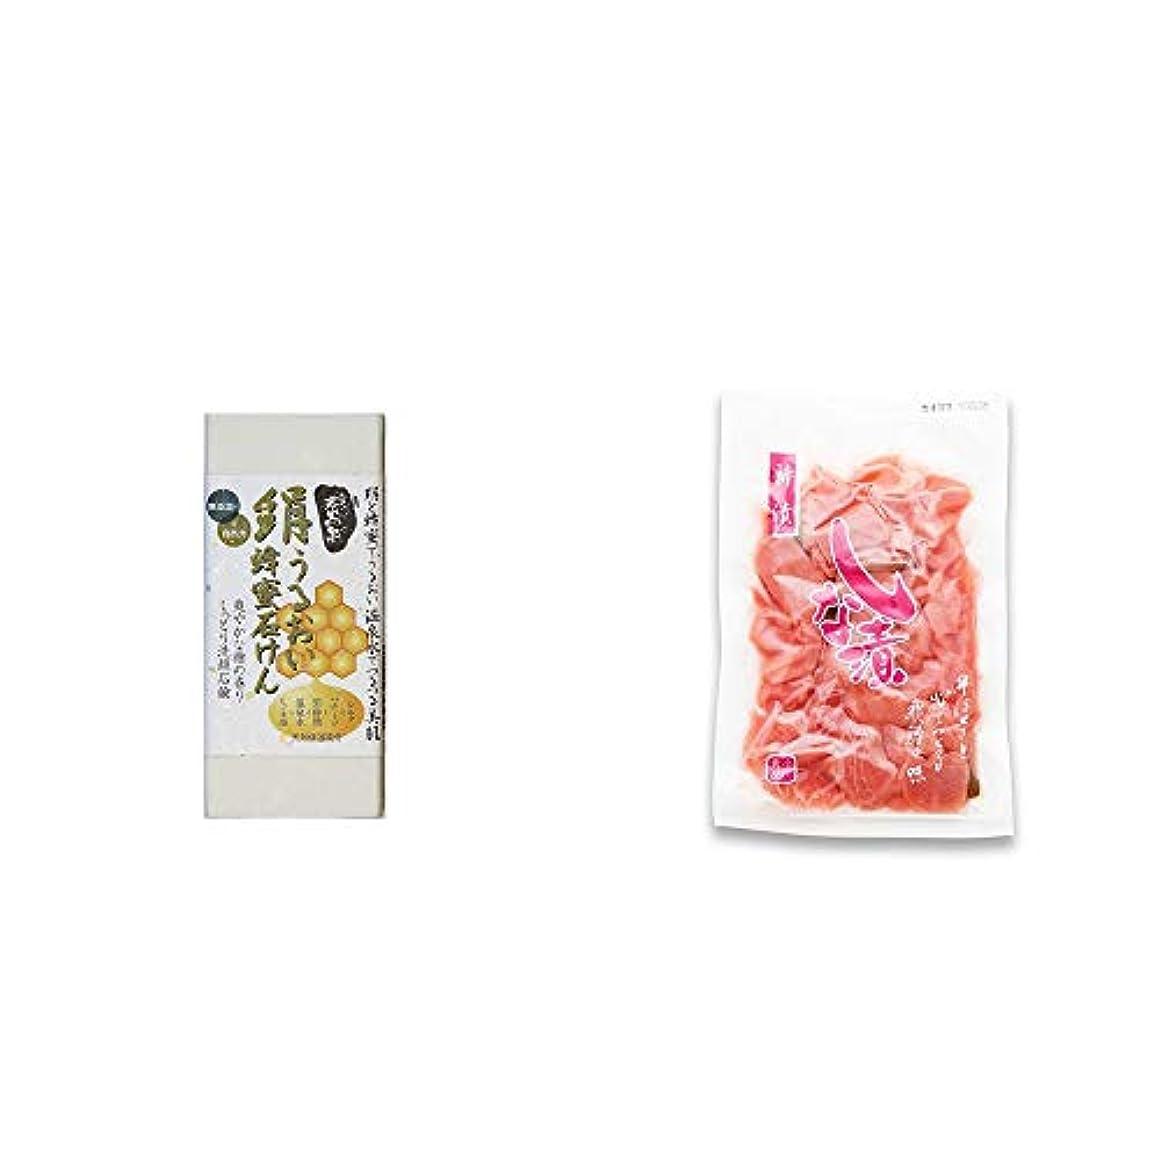 時間とともにコンパクトリテラシー[2点セット] ひのき炭黒泉 絹うるおい蜂蜜石けん(75g×2)?しな漬け(160g)